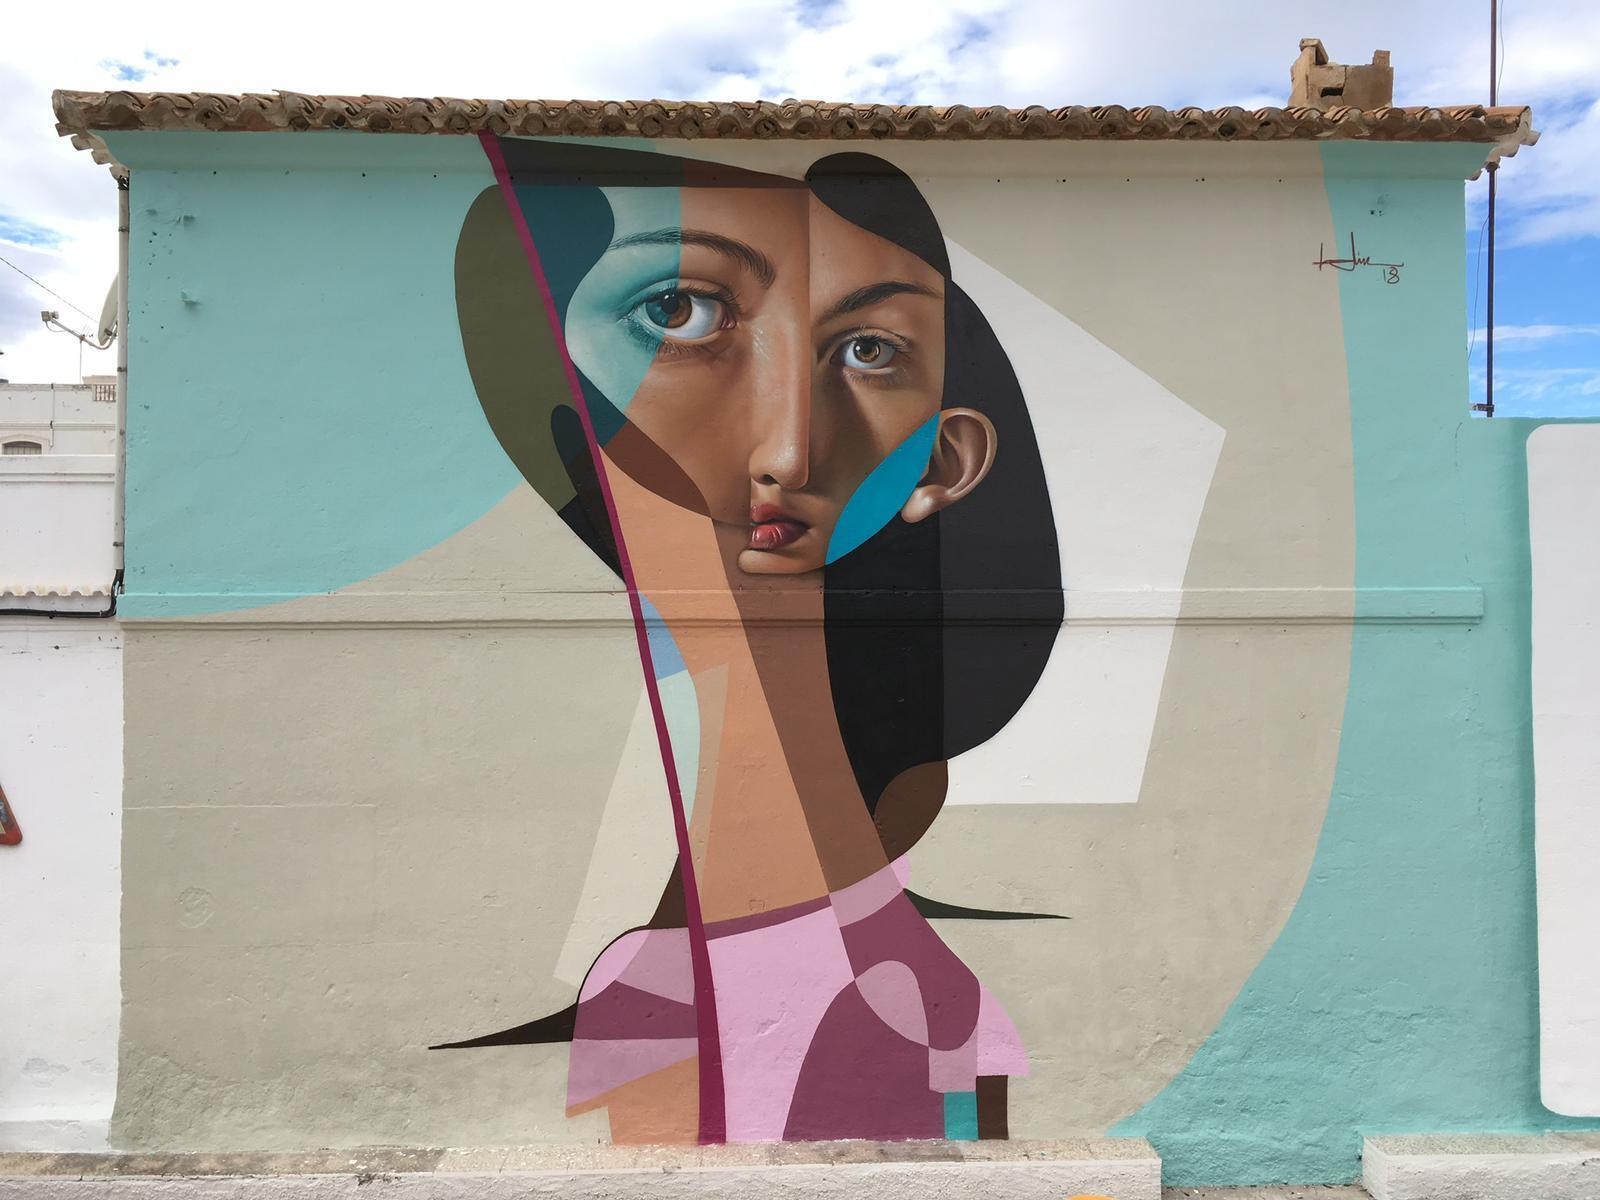 Mural contra la violencia de género. Pintado en Vera, Andalucía.